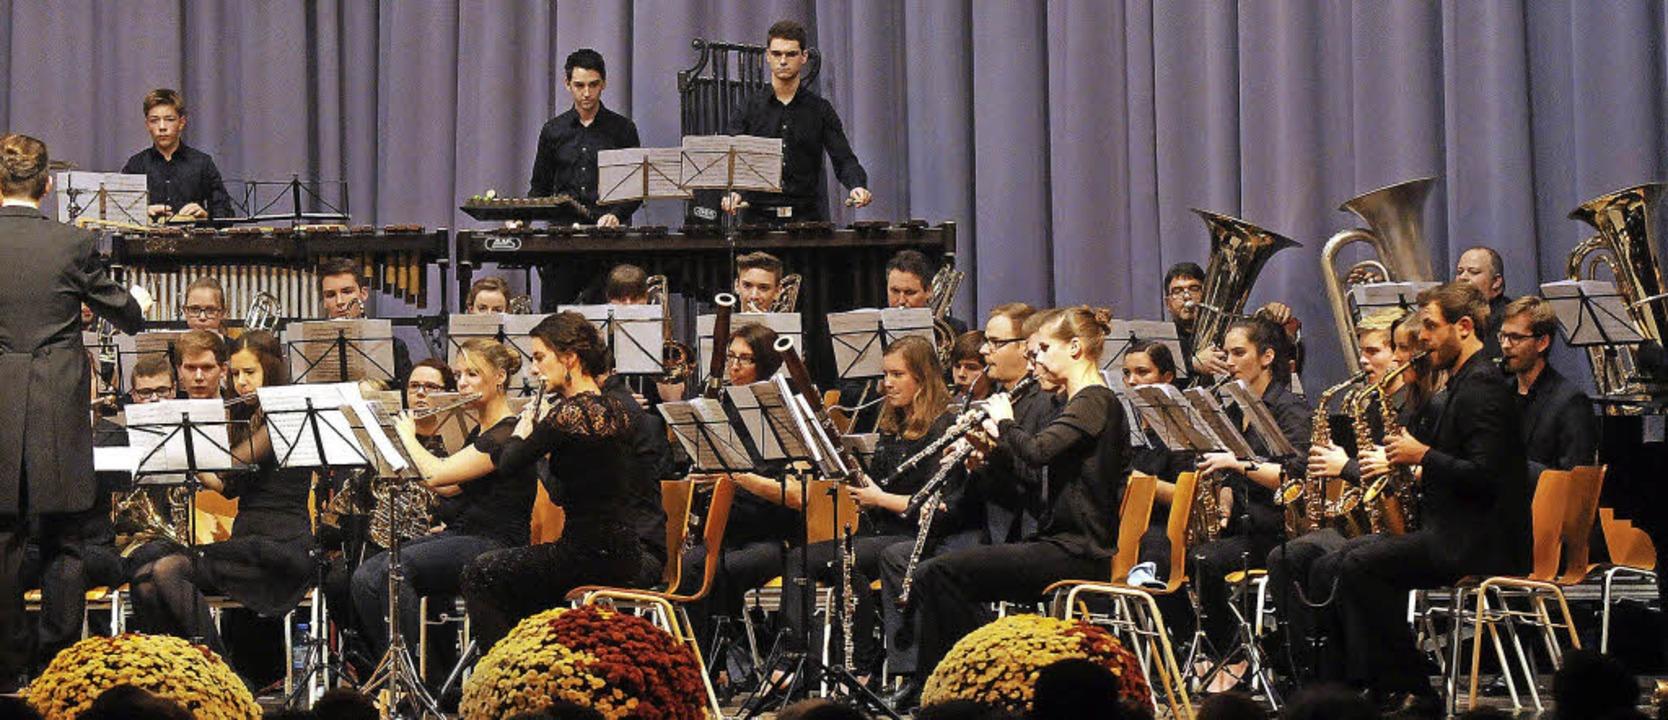 Ein prima Niveau konnte den rund 80 Jungmusikern attestiert werden.   | Foto: wolfgang künstle